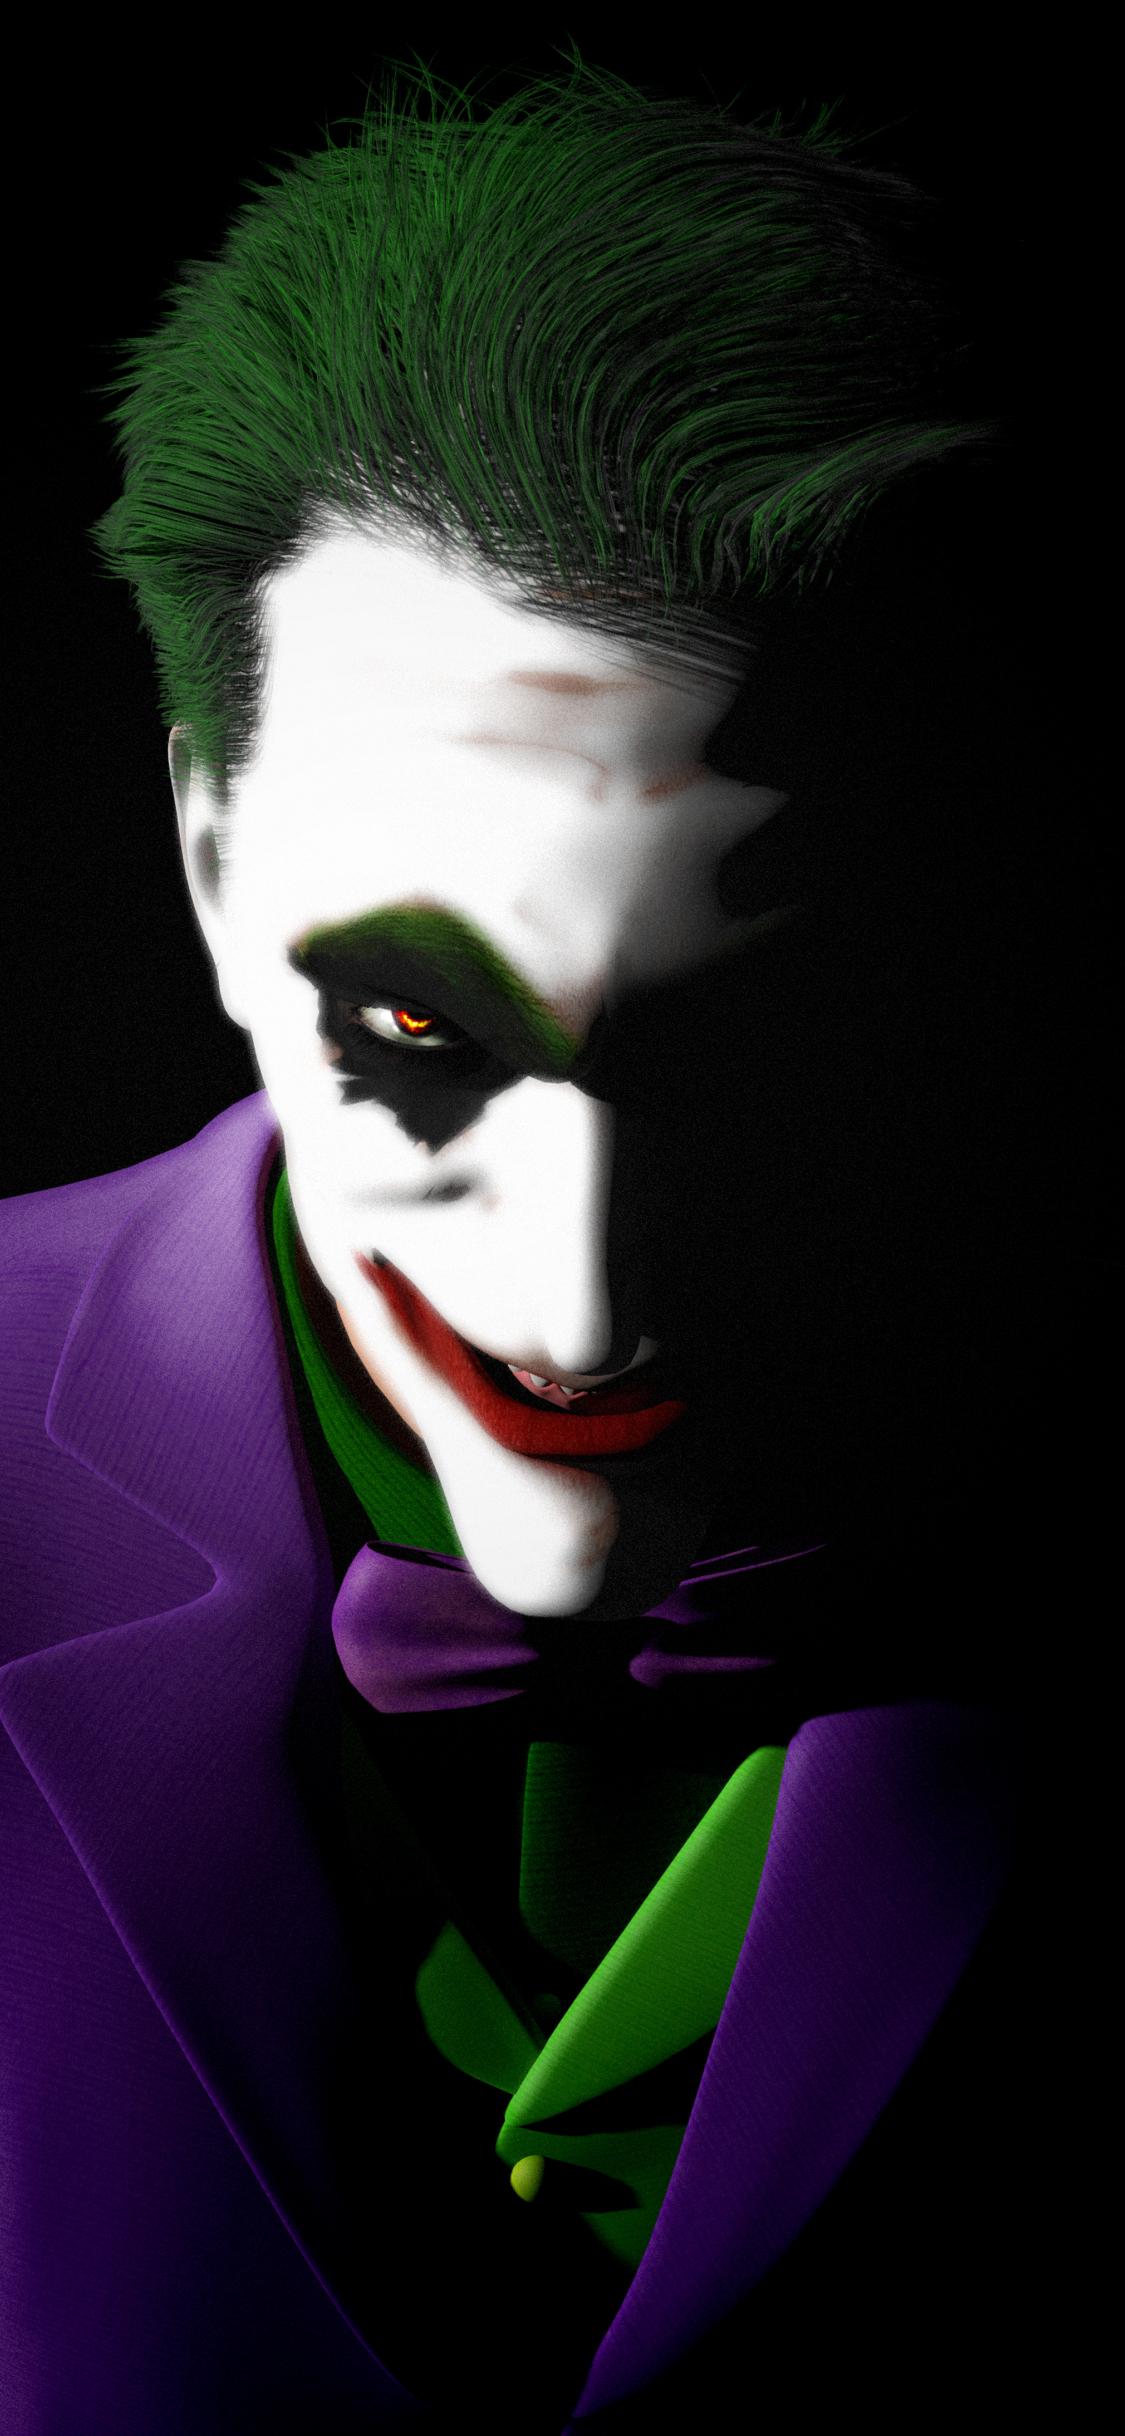 Download 1125x2436 Wallpaper Joker Artwork Dark Super Villain